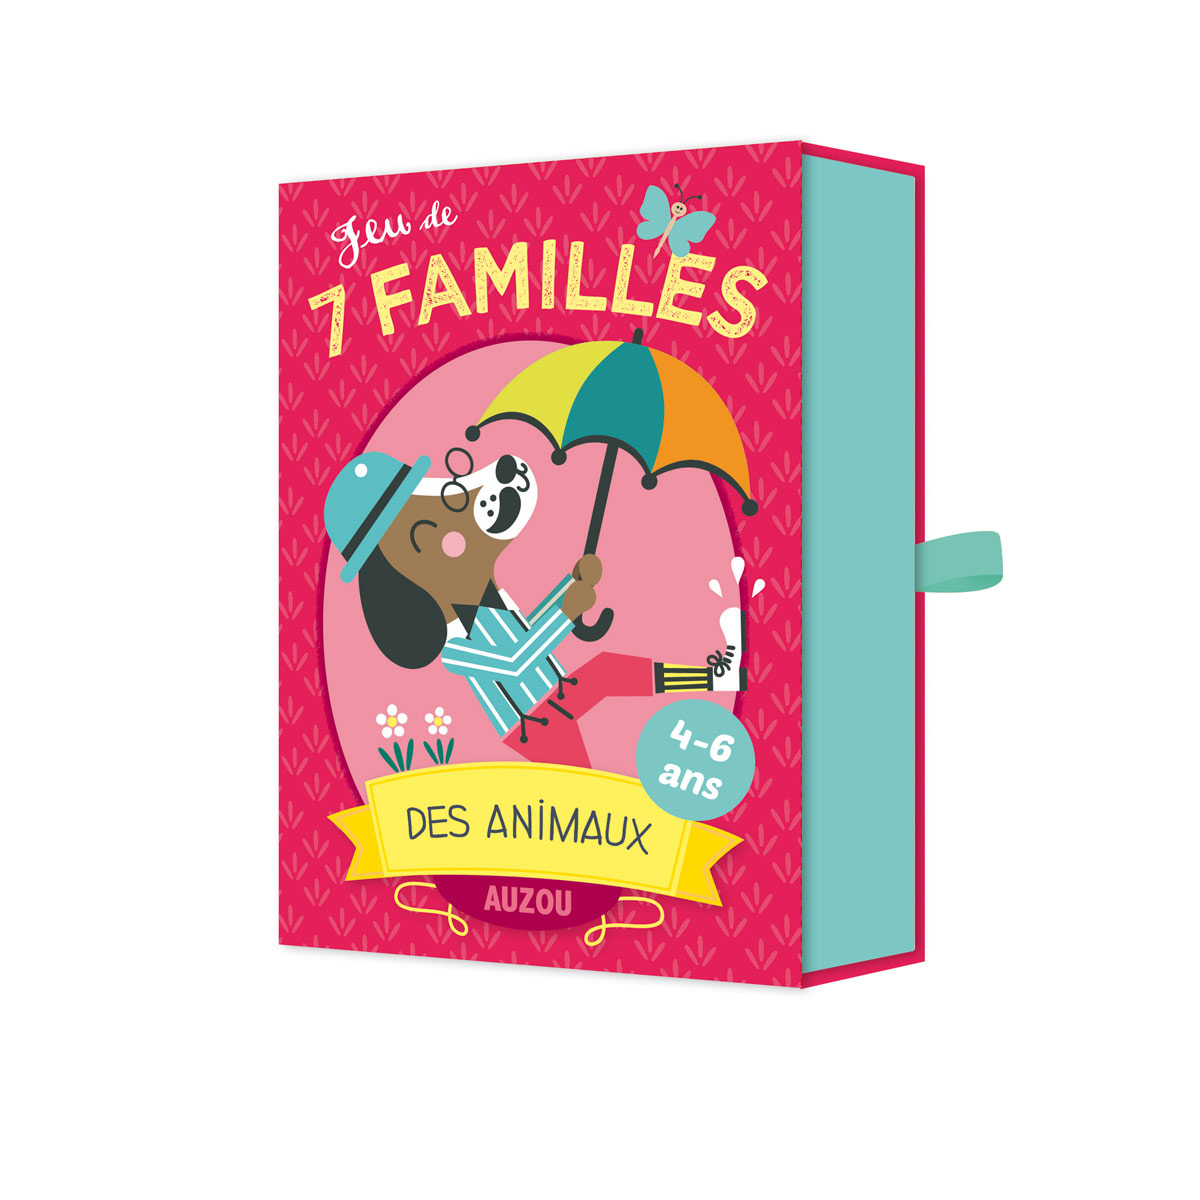 Jeu De 7 Familles Des Animaux encequiconcerne Jeux De Fille Gratuit D Animaux